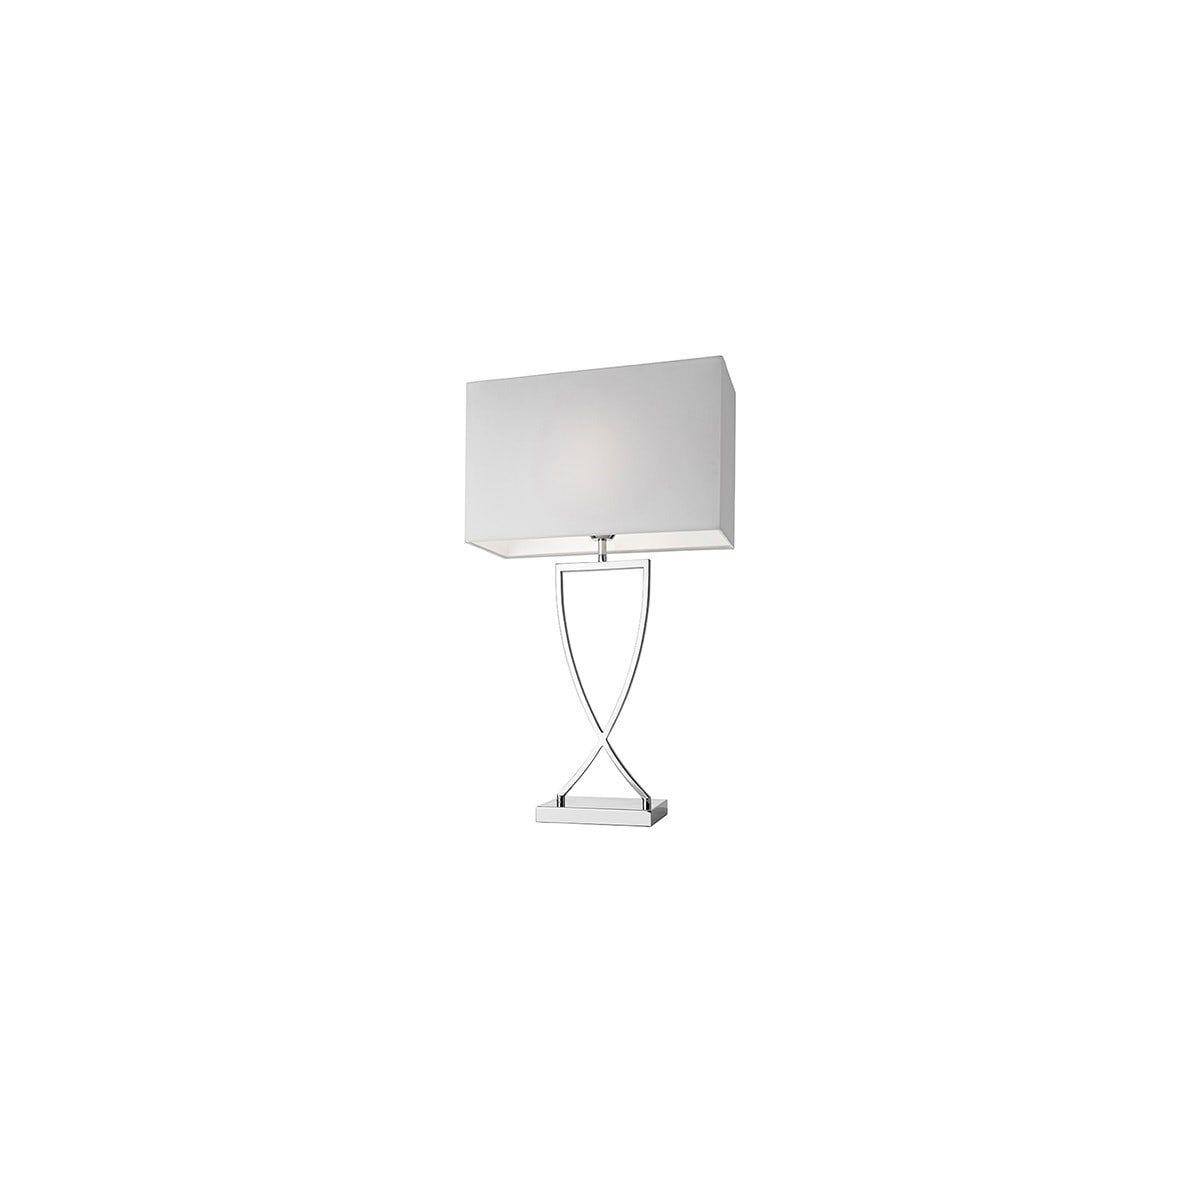 günstige led lampen kaufen   tischlampe holzfuß weiß   tischleuchte glasfuß   nachttischlampe ...